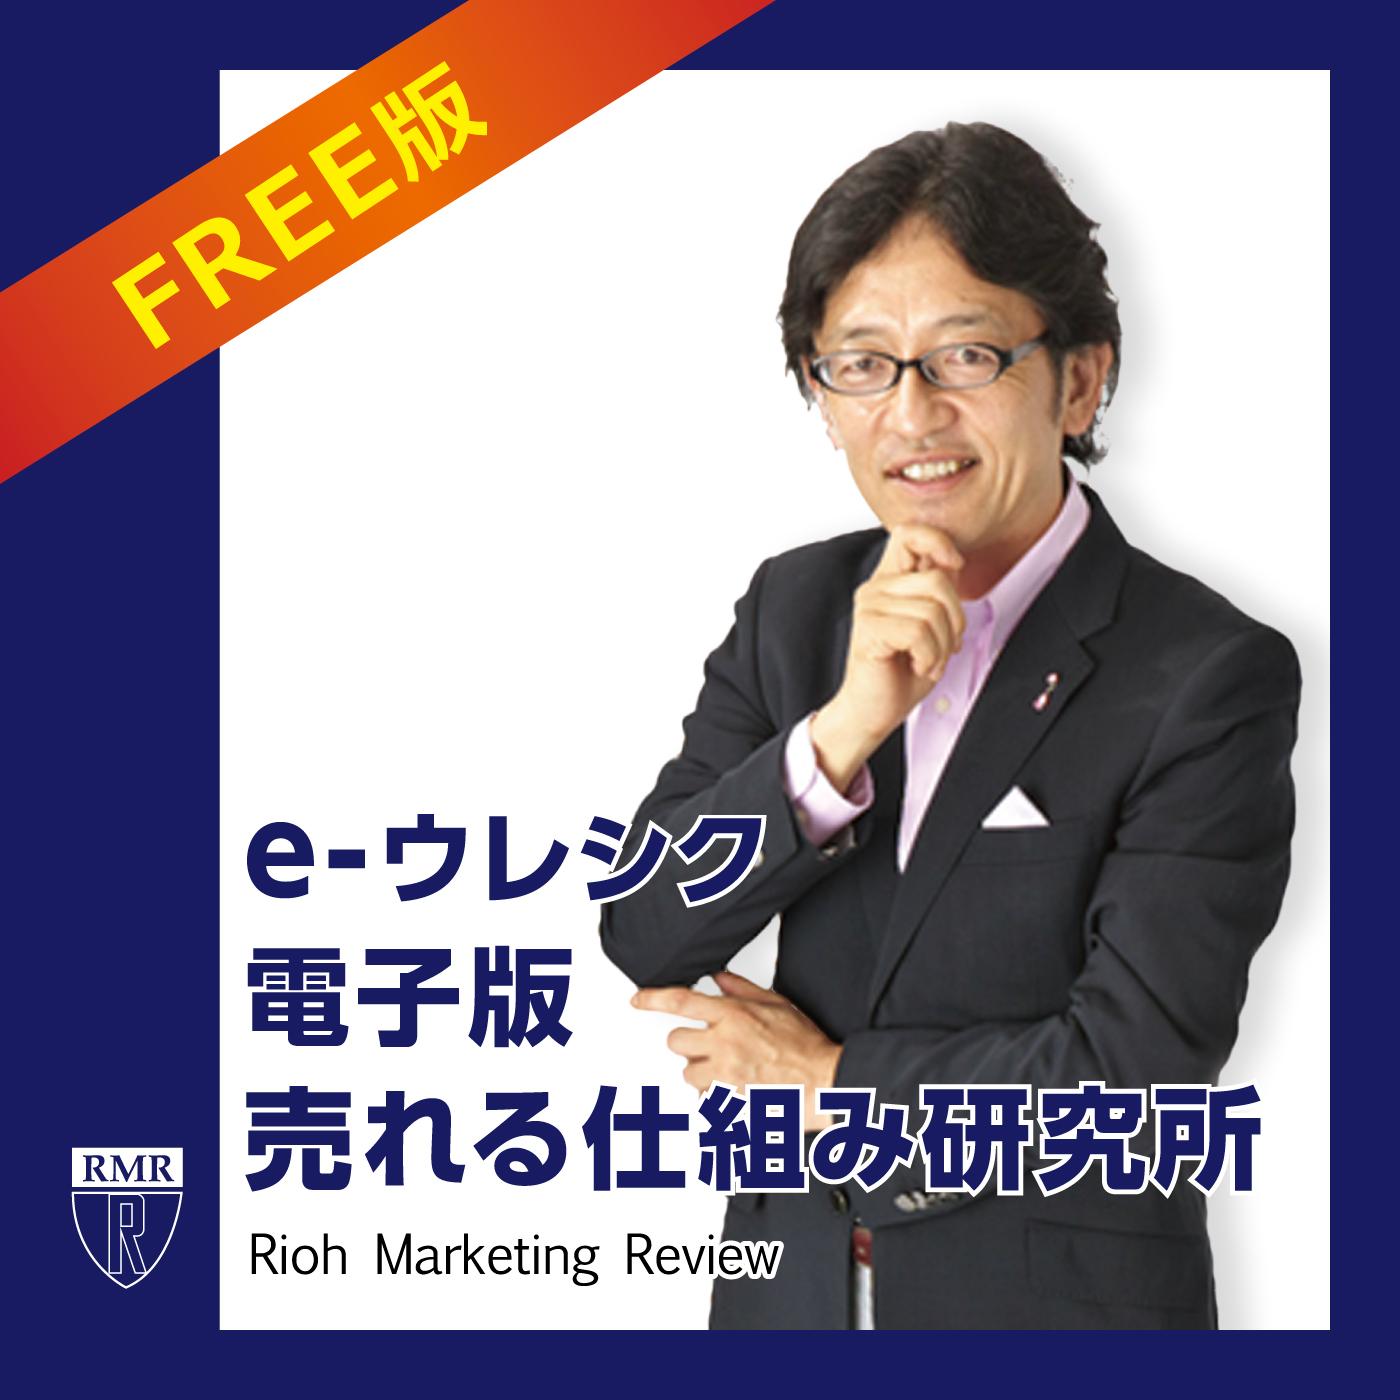 売れる仕組み研究所 電子版 e-ウレシク